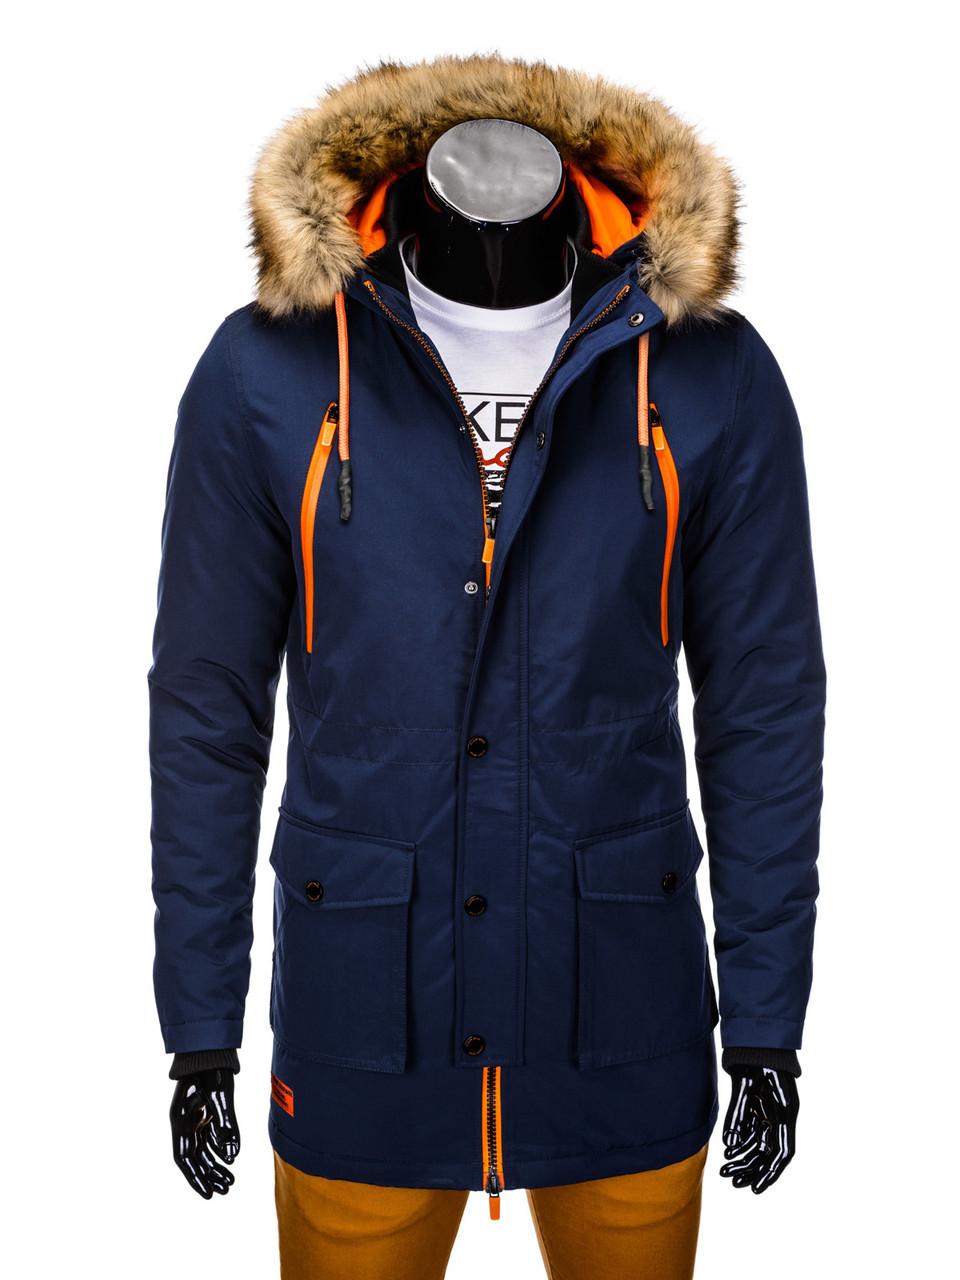 Куртка зимняя мужская парка с капюшоном №1 Синий